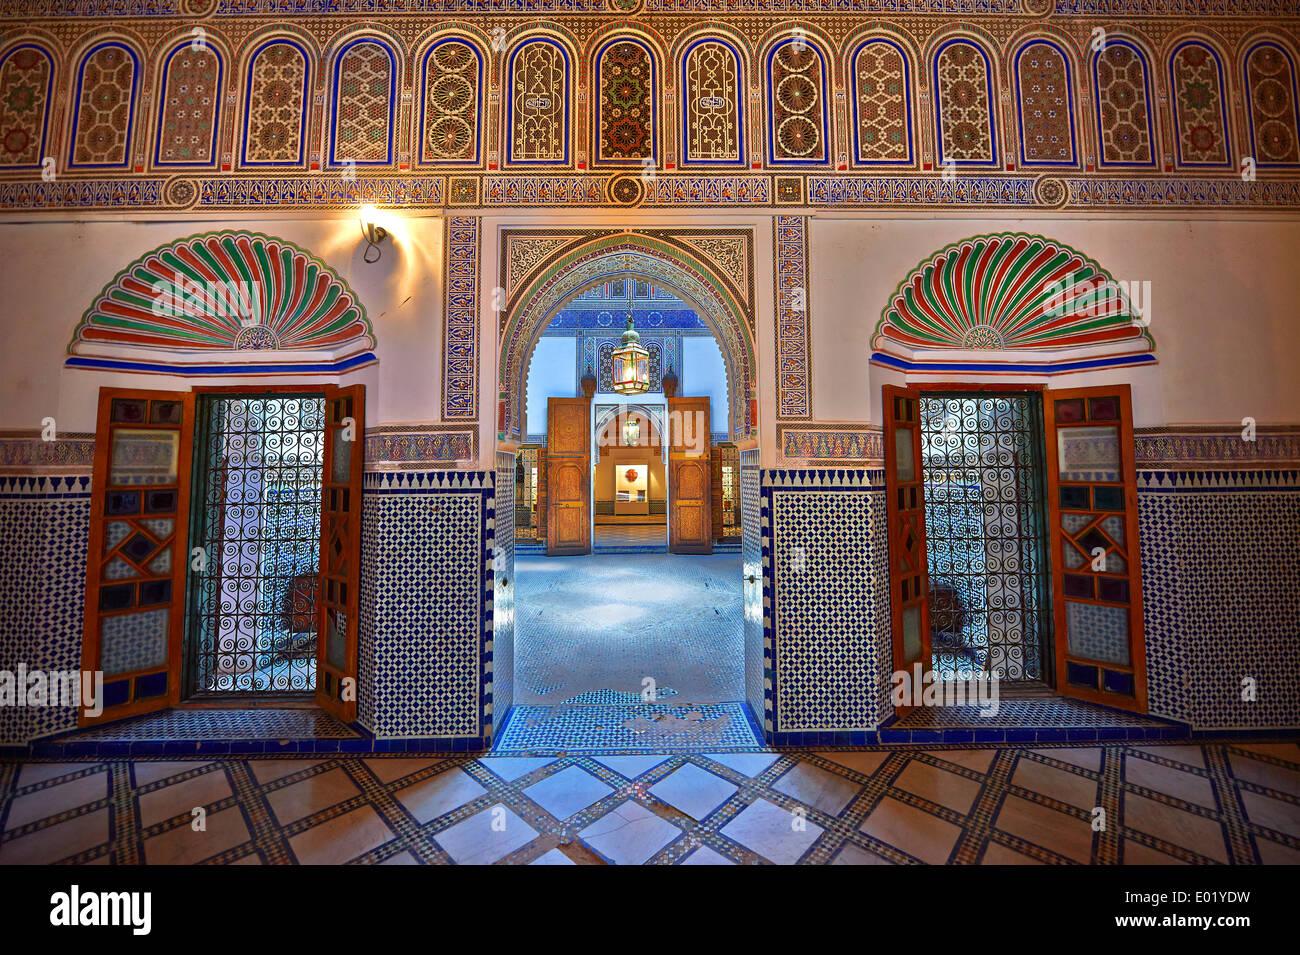 Marrakech Decoration D Interieur de l'intérieur décoration arabesque berbère bou ahmed's